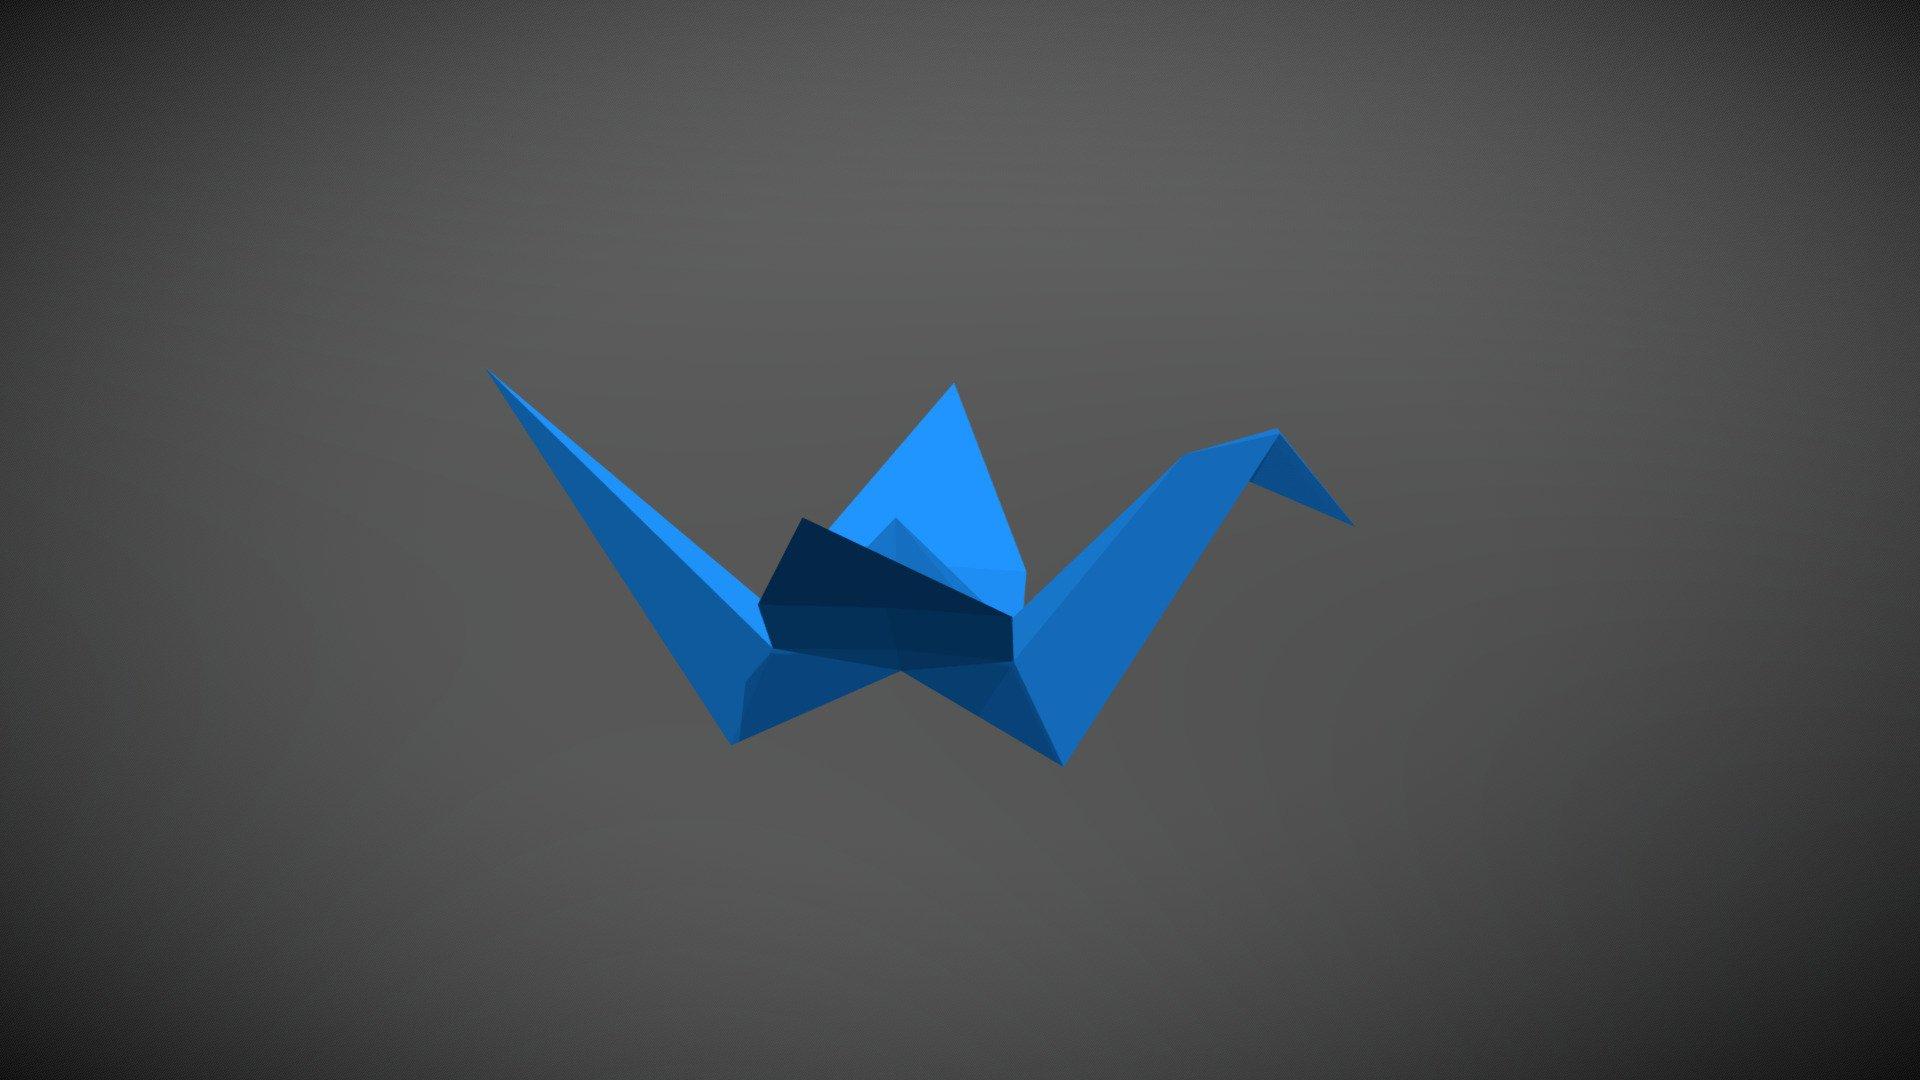 Origami Crane   Download Free 20D model by RunemarkStudio ...